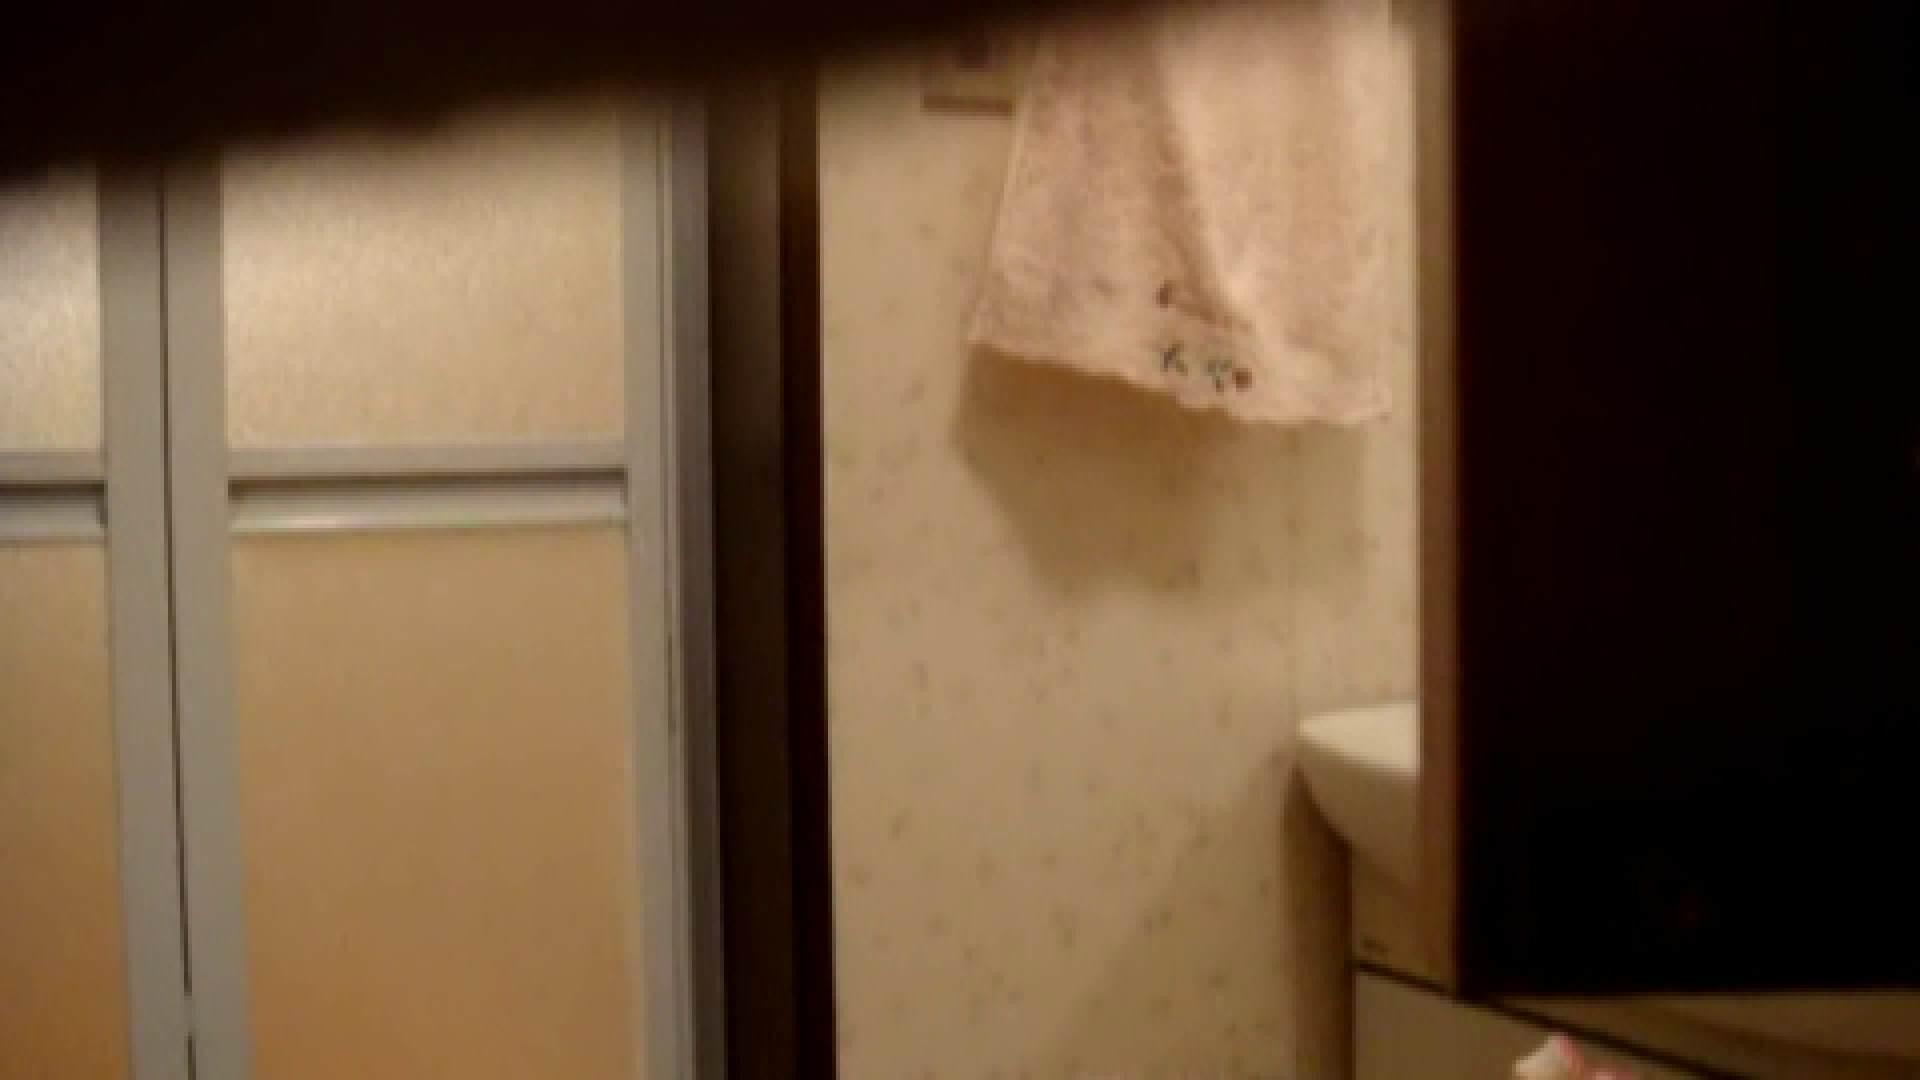 二人とも育てた甲斐がありました… vol.08 まどかの入浴中にカメラに気付いたか!? 綺麗なOLたち  90枚 8